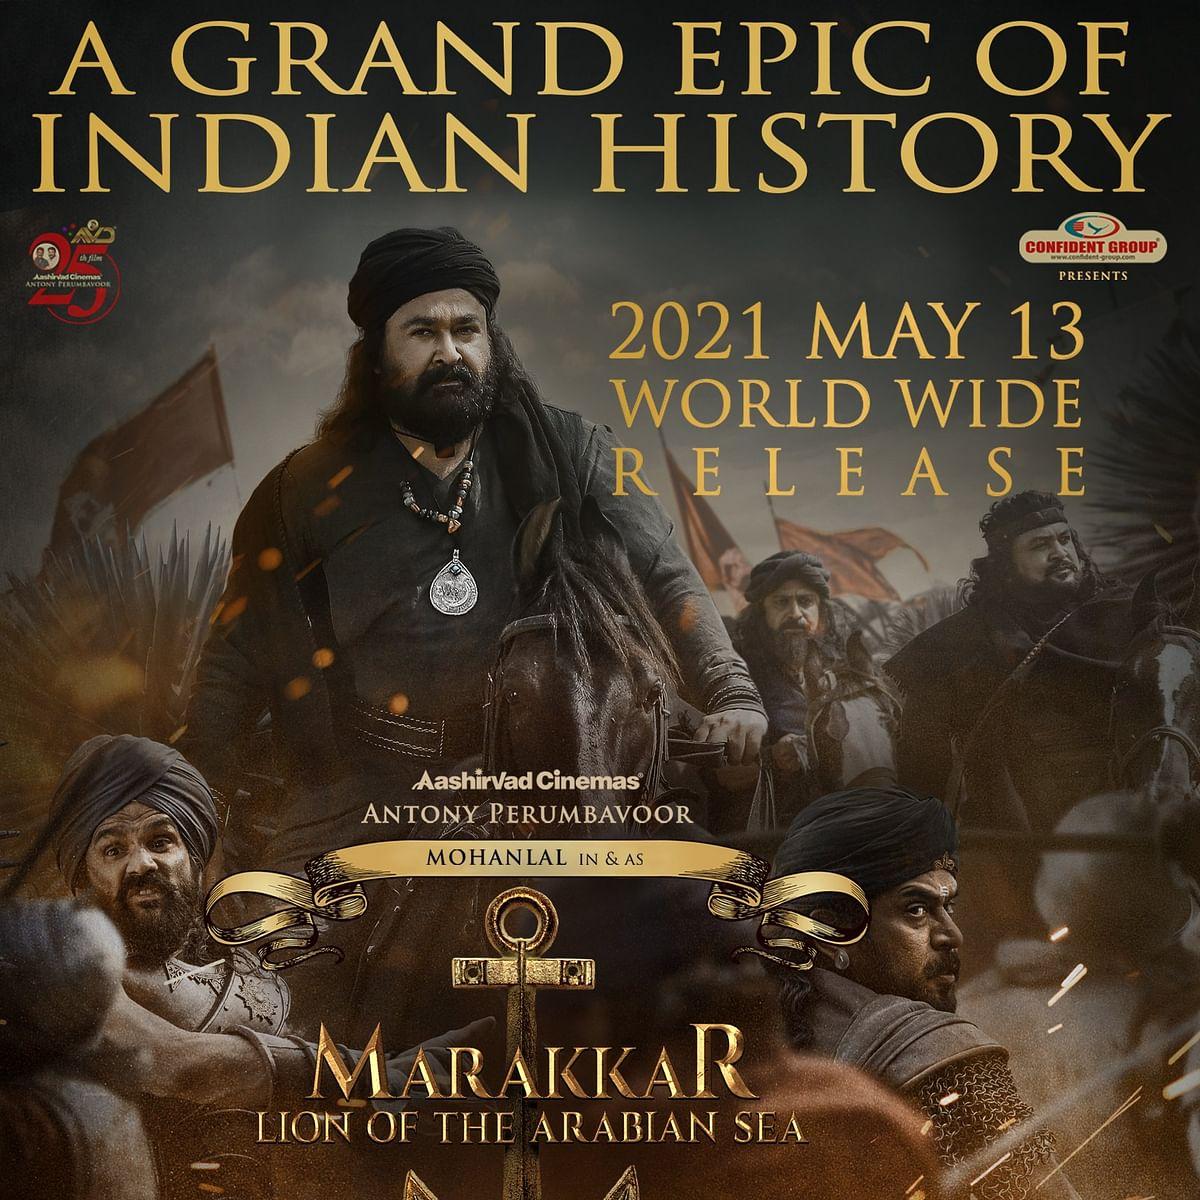 Mohanlal-starrer 'Marakkar: Lion of the Arabian Sea' to release in May